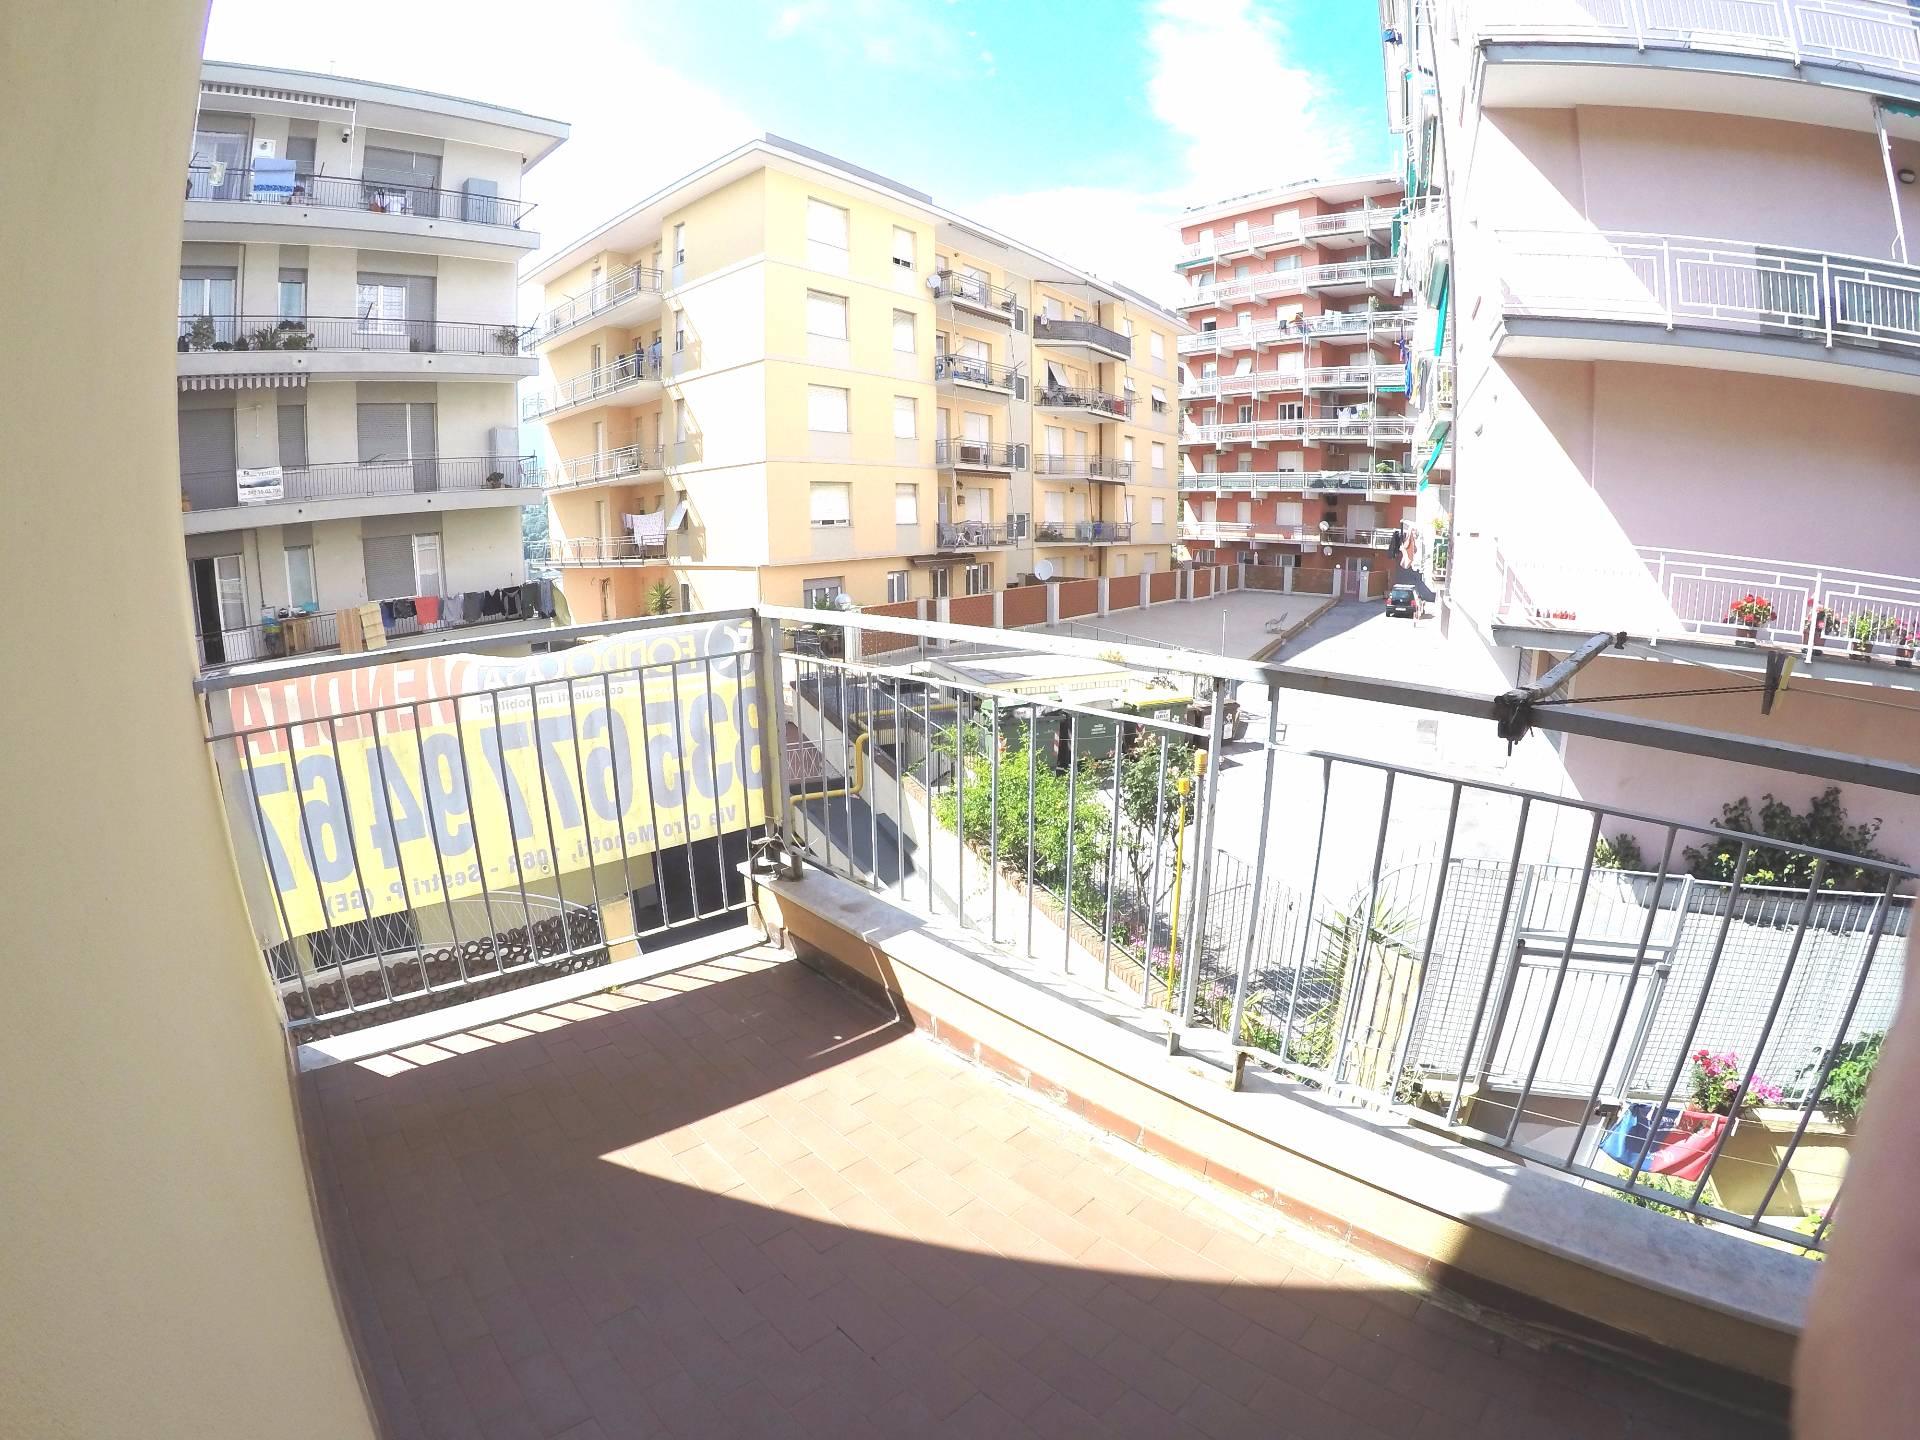 Appartamento in vendita a Arenzano, 2 locali, zona Zona: Terralba, prezzo € 160.000 | Cambio Casa.it